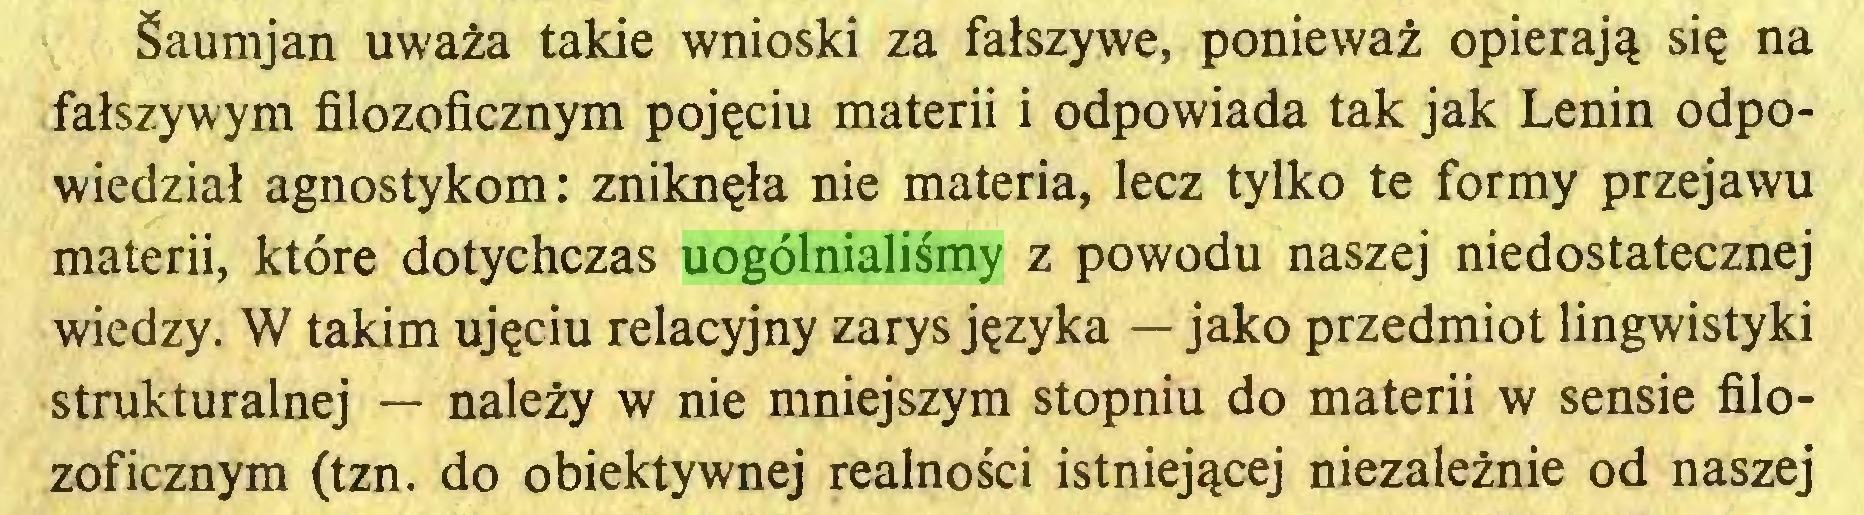 (...) Śaumjan uważa takie wnioski za fałszywe, ponieważ opierają się na fałszywym filozoficznym pojęciu materii i odpowiada tak jak Lenin odpowiedział agnostykom: zniknęła nie materia, lecz tylko te formy przejawu materii, które dotychczas uogólnialiśmy z powodu naszej niedostatecznej wiedzy. W takim ujęciu relacyjny zarys języka — jako przedmiot lingwistyki strukturalnej — należy w nie mniejszym stopniu do materii w sensie filozoficznym (tzn. do obiektywnej realności istniejącej niezależnie od naszej...